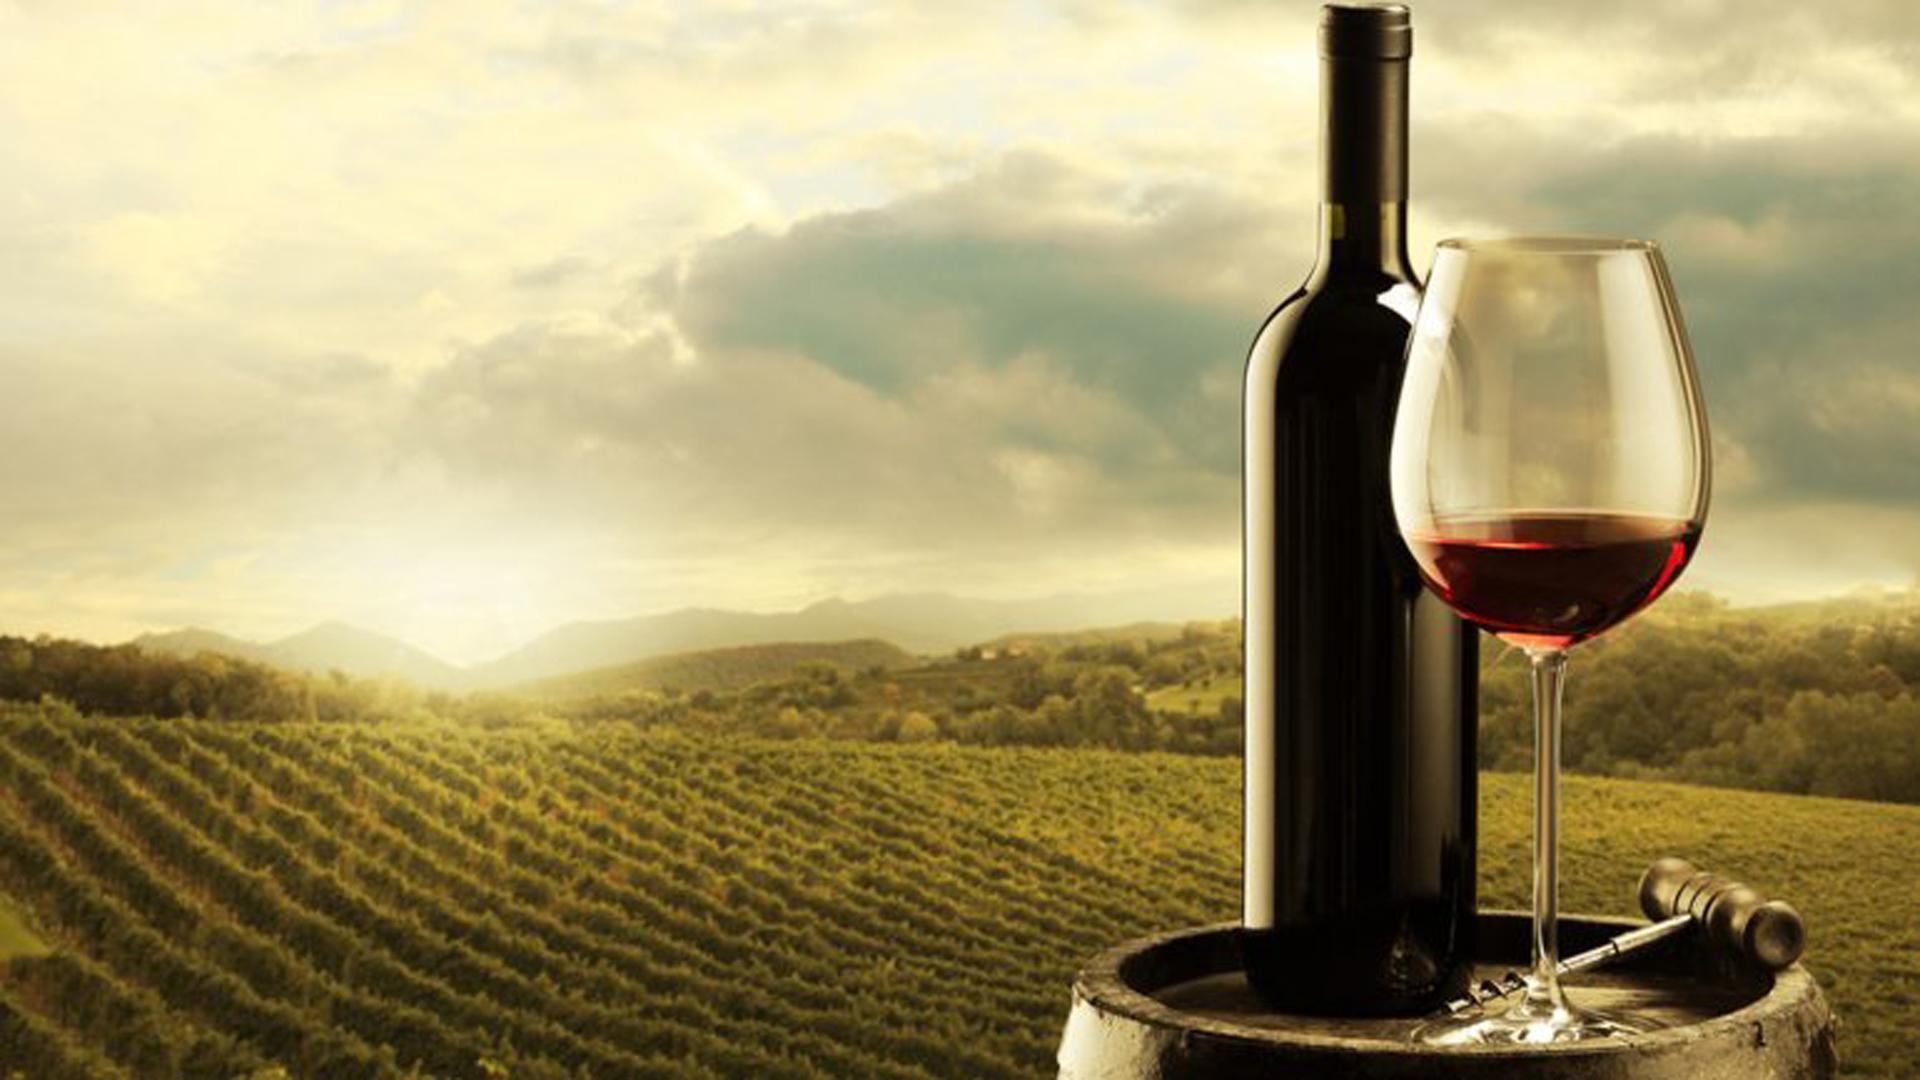 Durante varios días se reúnen para eligir entre más de 1000 muestras de vinos procedentes de más de cuarenta países de todo el mundo